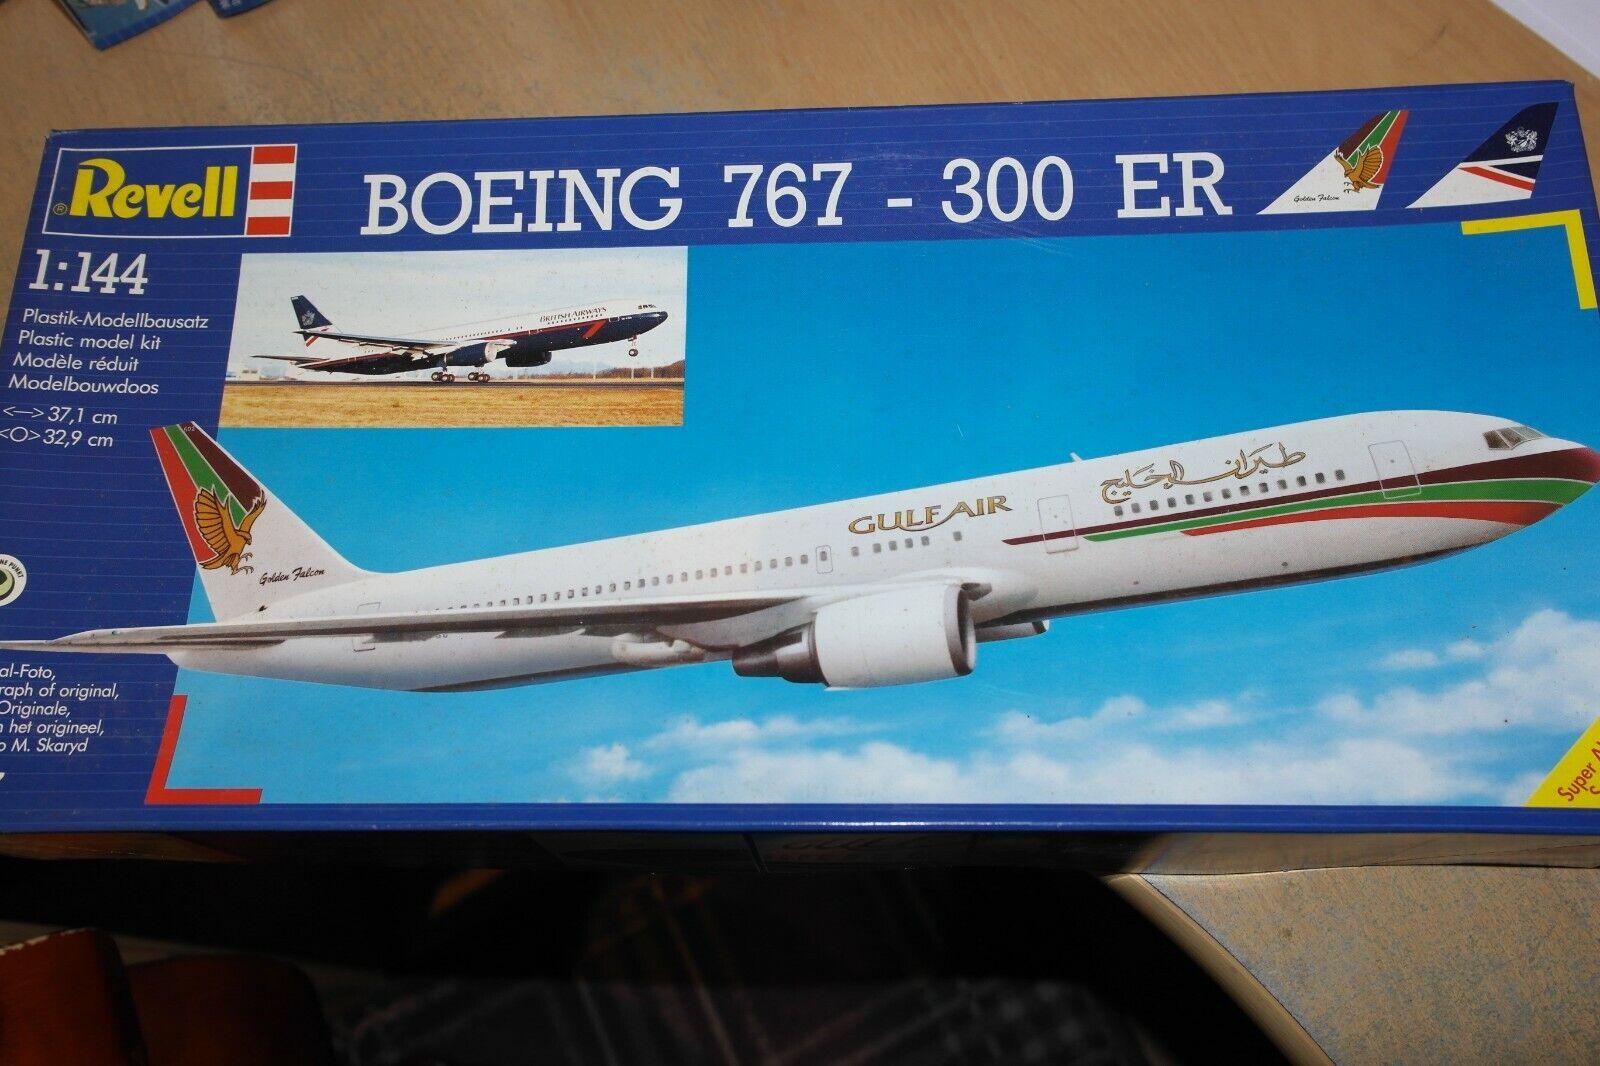 REVELL 1 144 BOEING 767 -300 ER BRITSH AIRWAYS   GULF AIR 4217